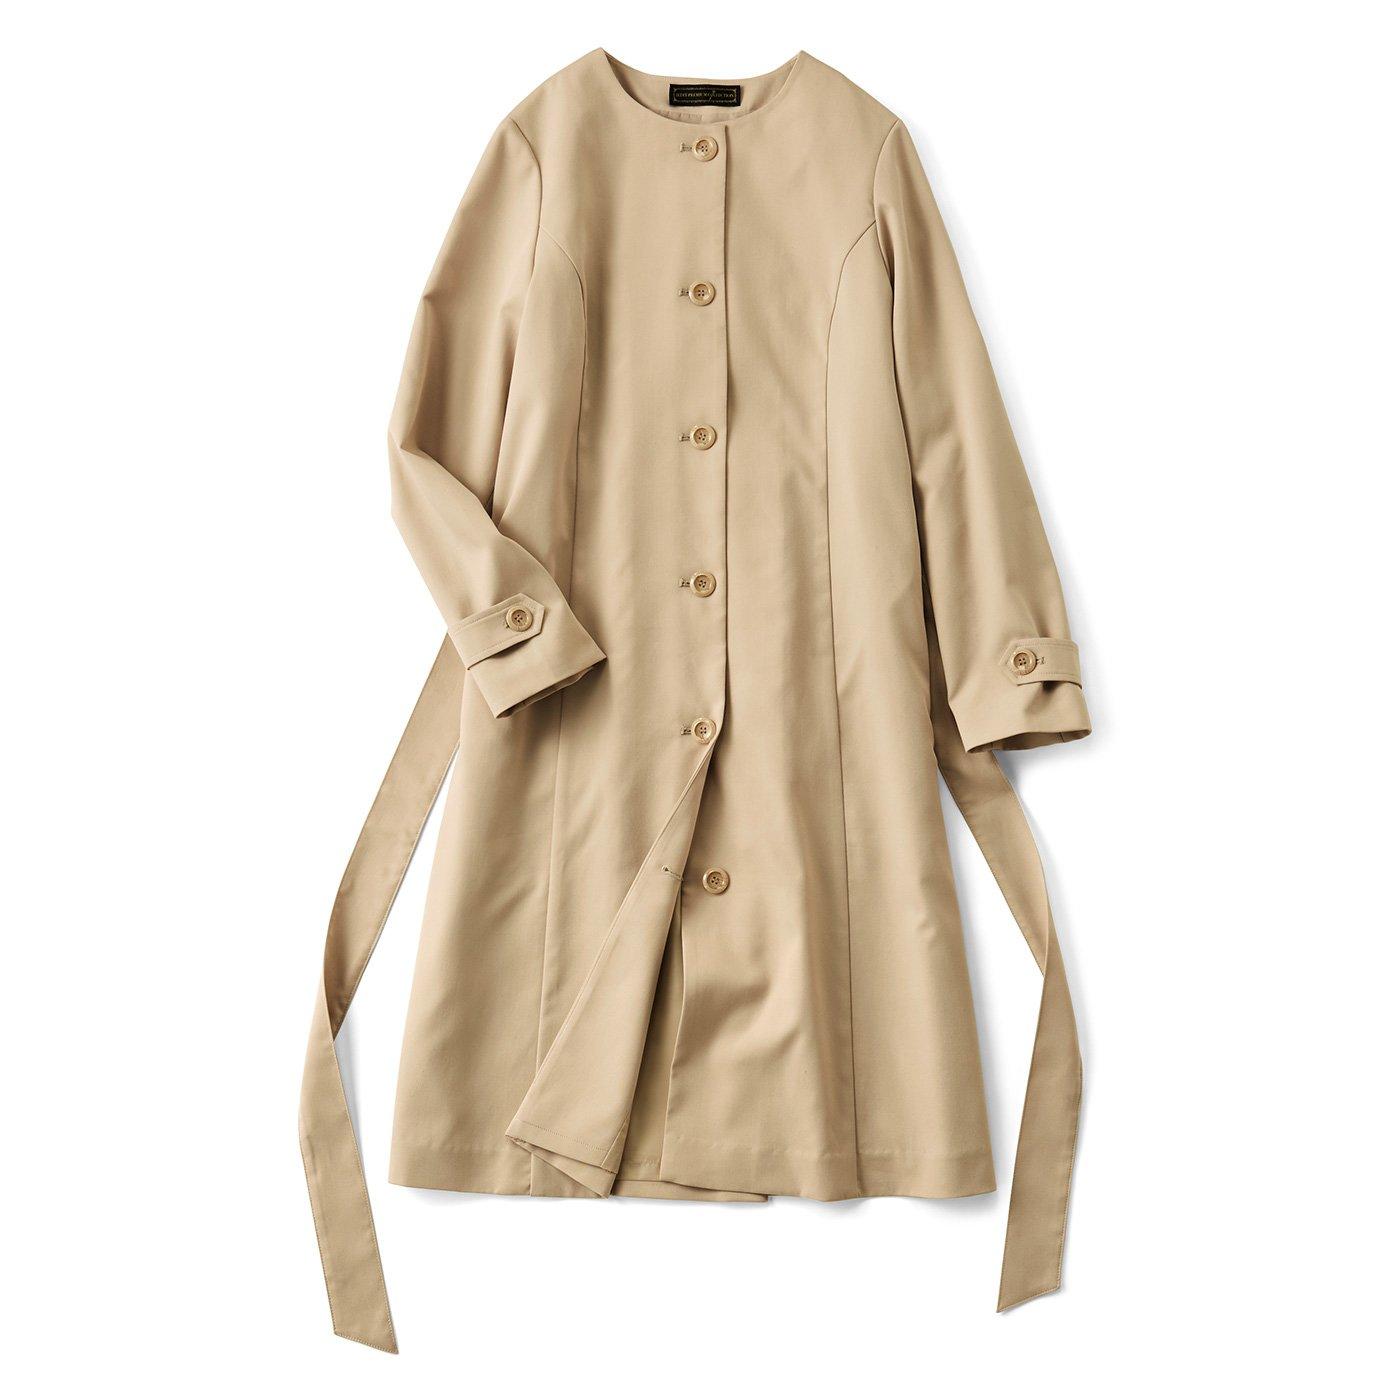 IEDIT[イディット] シーンを格上げする 撥水加工のドレスコート〈ベージュ〉